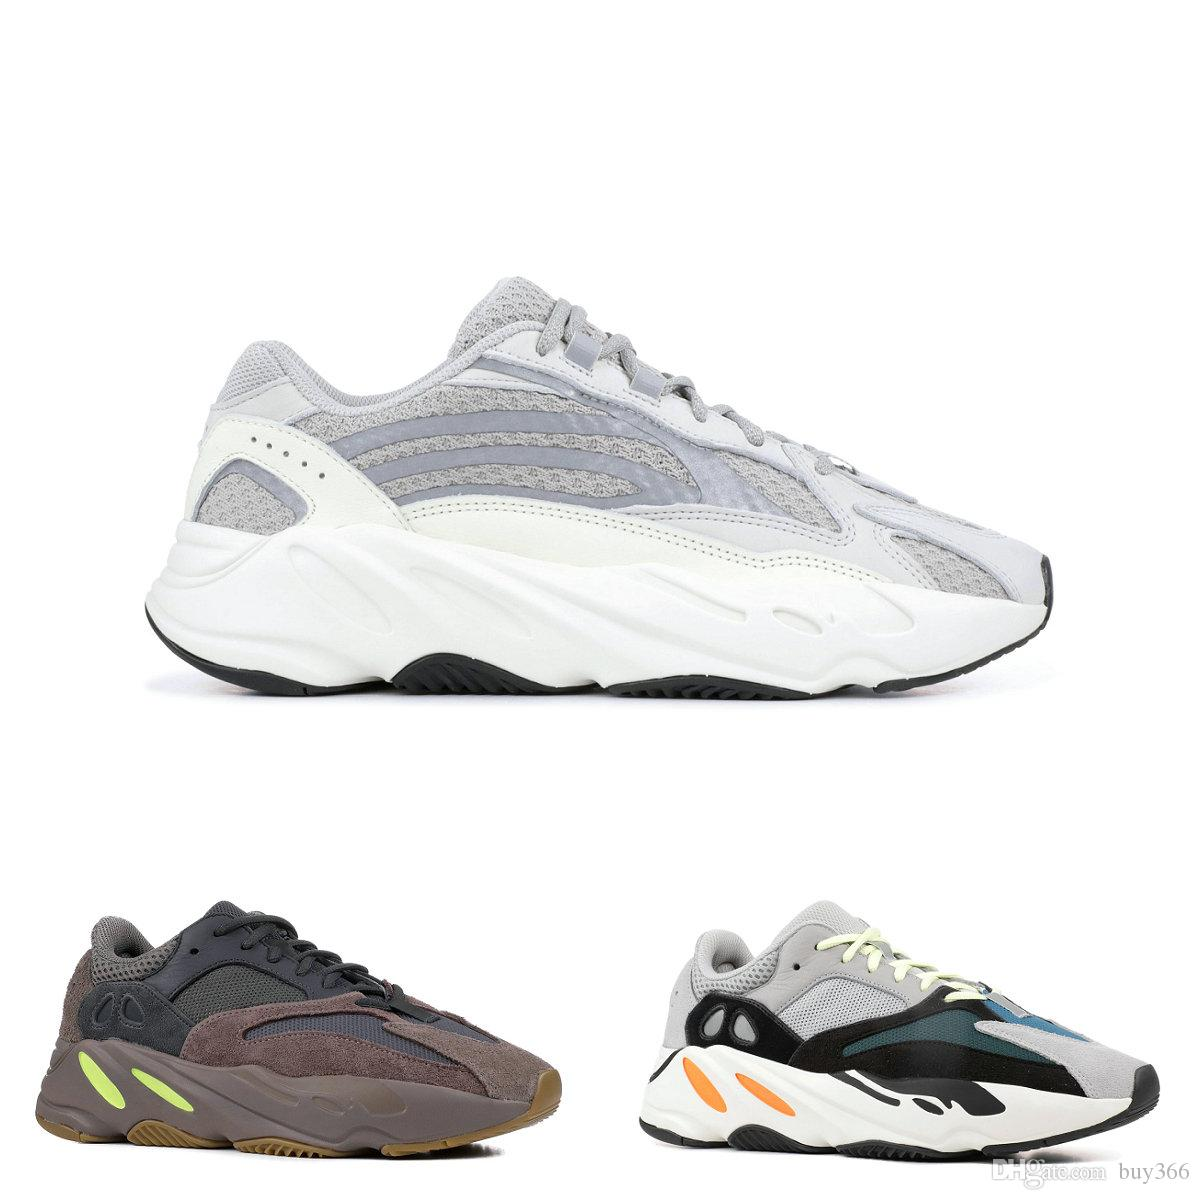 2019 New Wave Runner 700 V2 Statico 3M Materiale Mauve Kanye West Sneakers Uomo Donna Designer Scarpe Da Corsa Sport Con Box Size US5-13